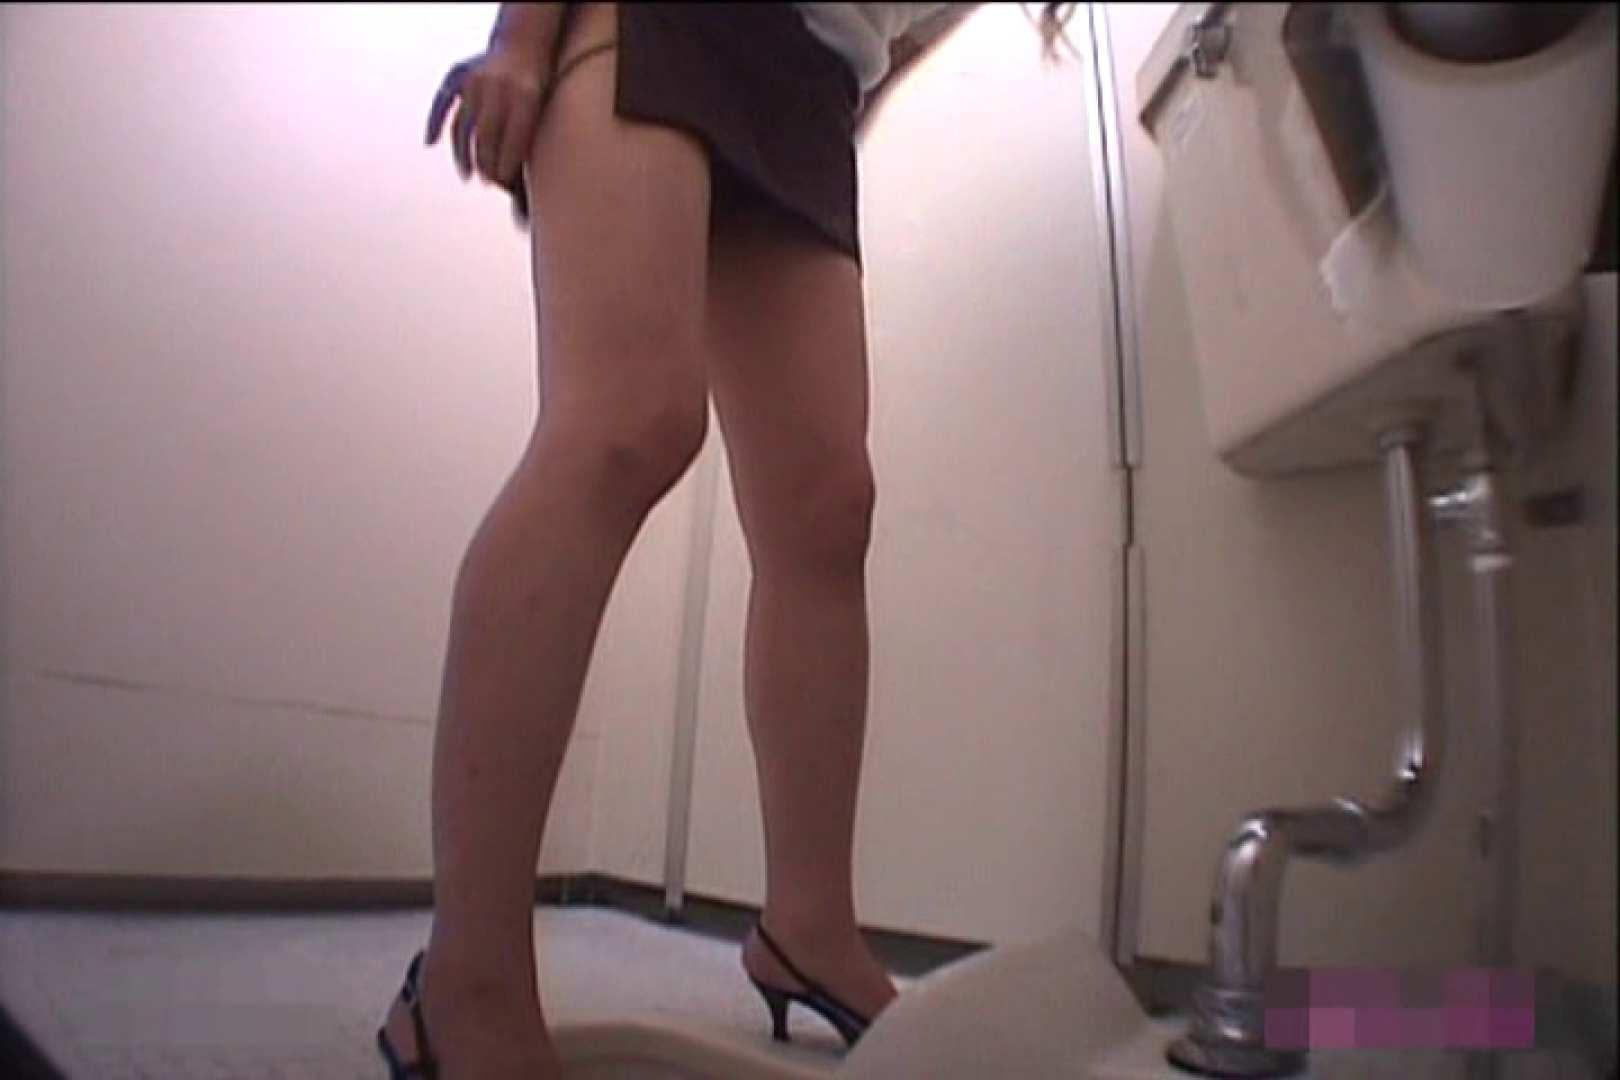 女性達の個室内心理学入門編Vol.2 洗面所突入 ワレメ動画紹介 79pic 5